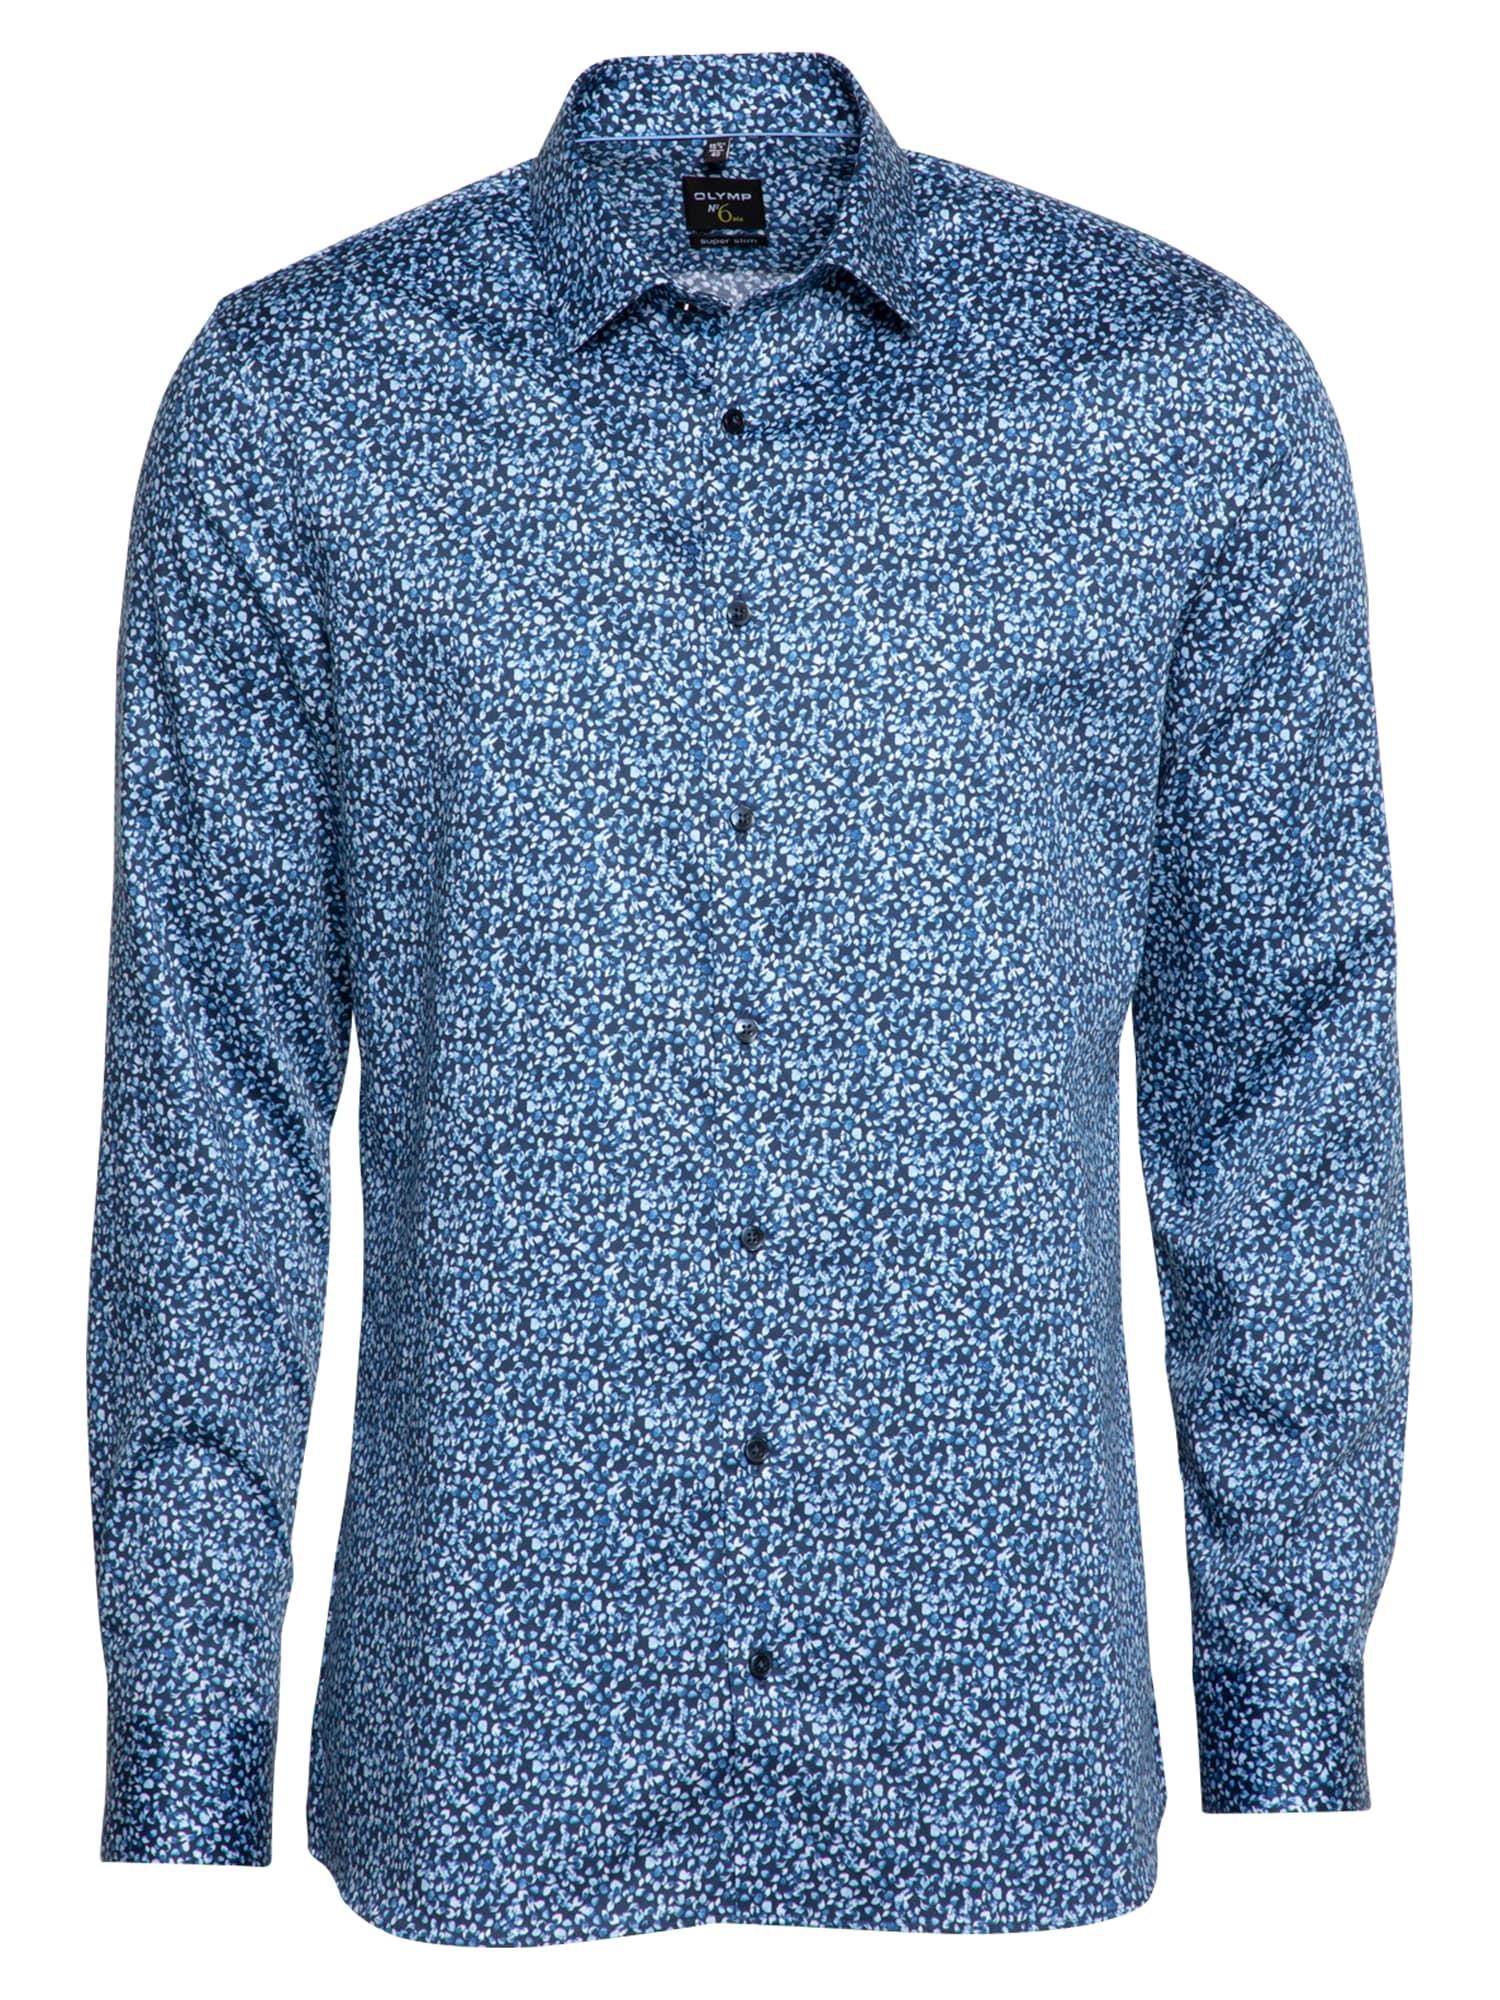 OLYMP Marškiniai tamsiai mėlyna jūros spalva / šviesiai mėlyna / mėlyna dūmų spalva